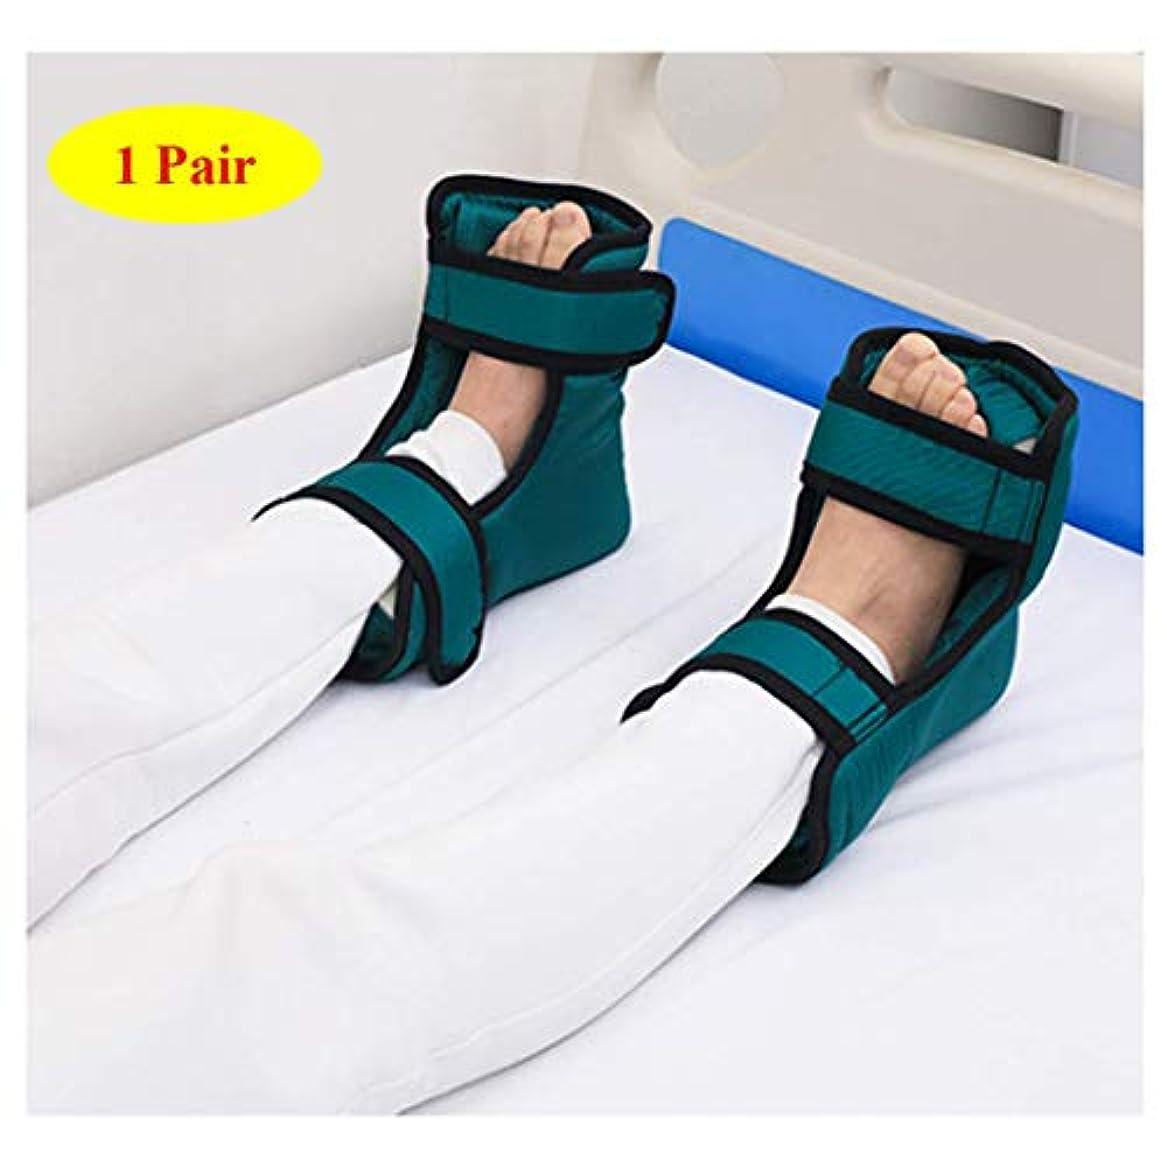 触覚必要性たらい床ずれ防止ヒールプロテクター枕、患者ケアヒールパッド足首プロテクタークッション、効果的なPressure瘡。ヒールクッションプロテクター